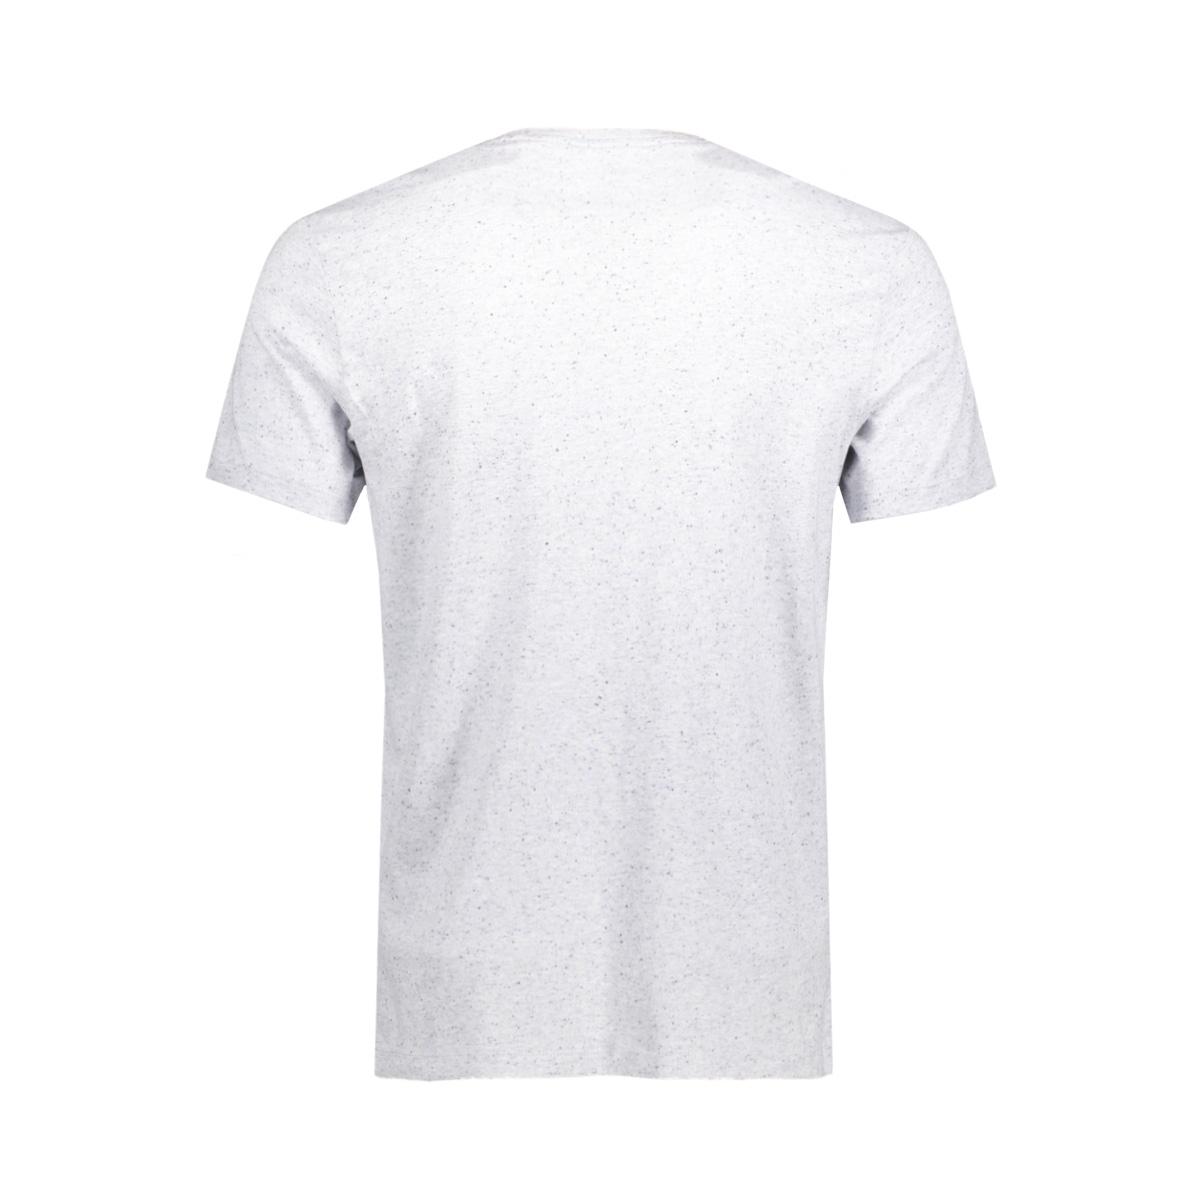 127cc2k001 edc t-shirt c100